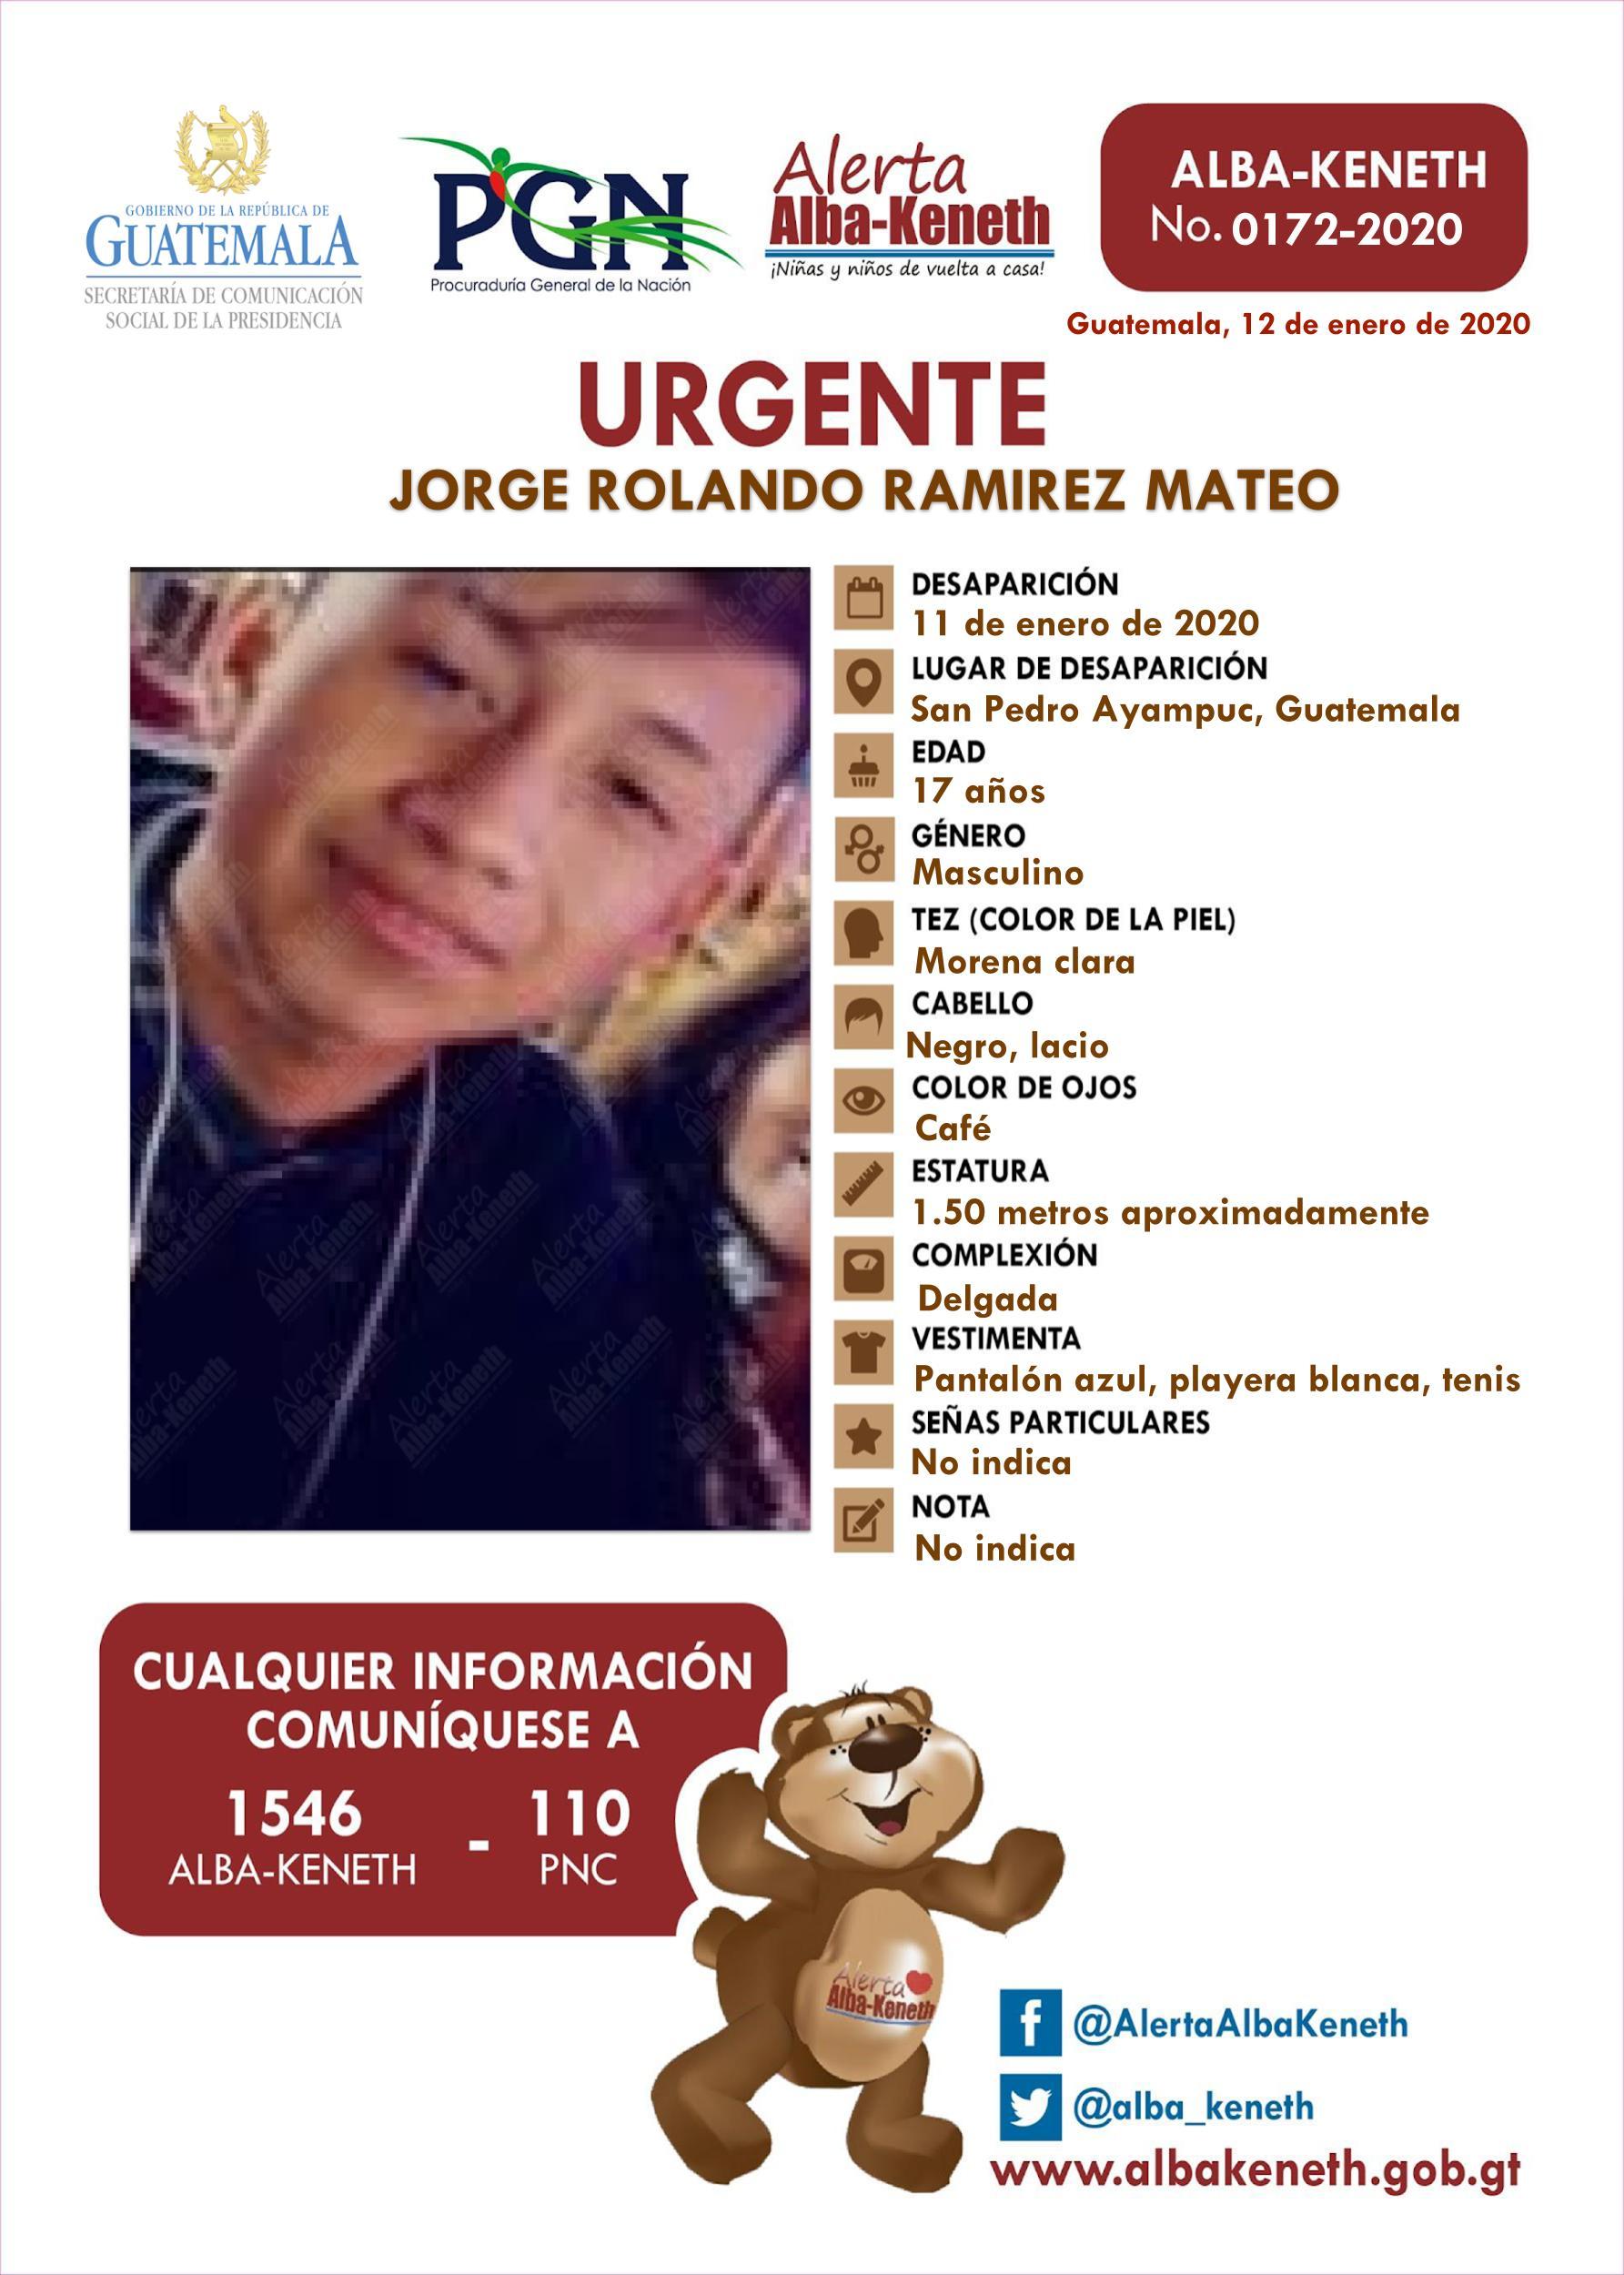 Jorge Rolando Ramirez Mateo